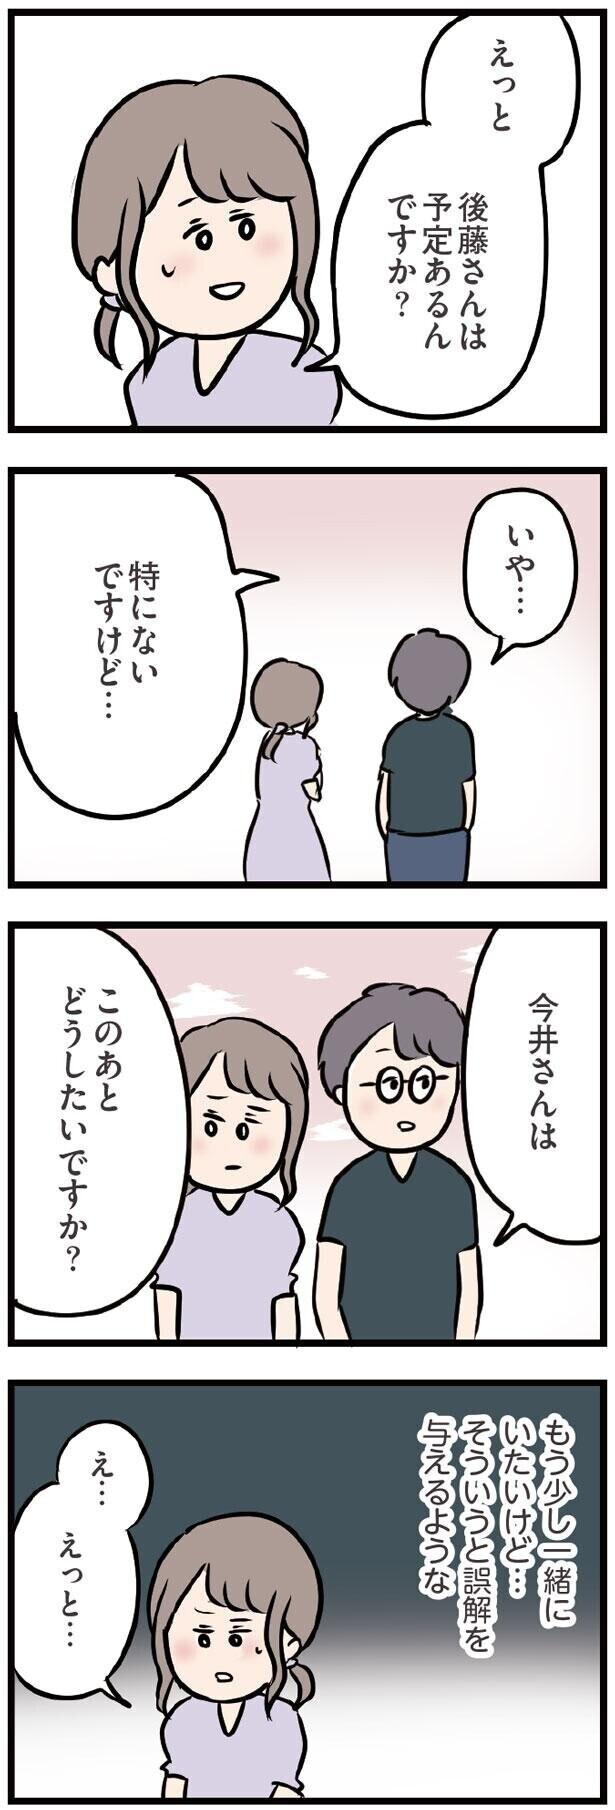 メガネをとった彼…思っていたよりかっこよくて【夫がいても誰かを好きになってもいいですか? Vol.24】